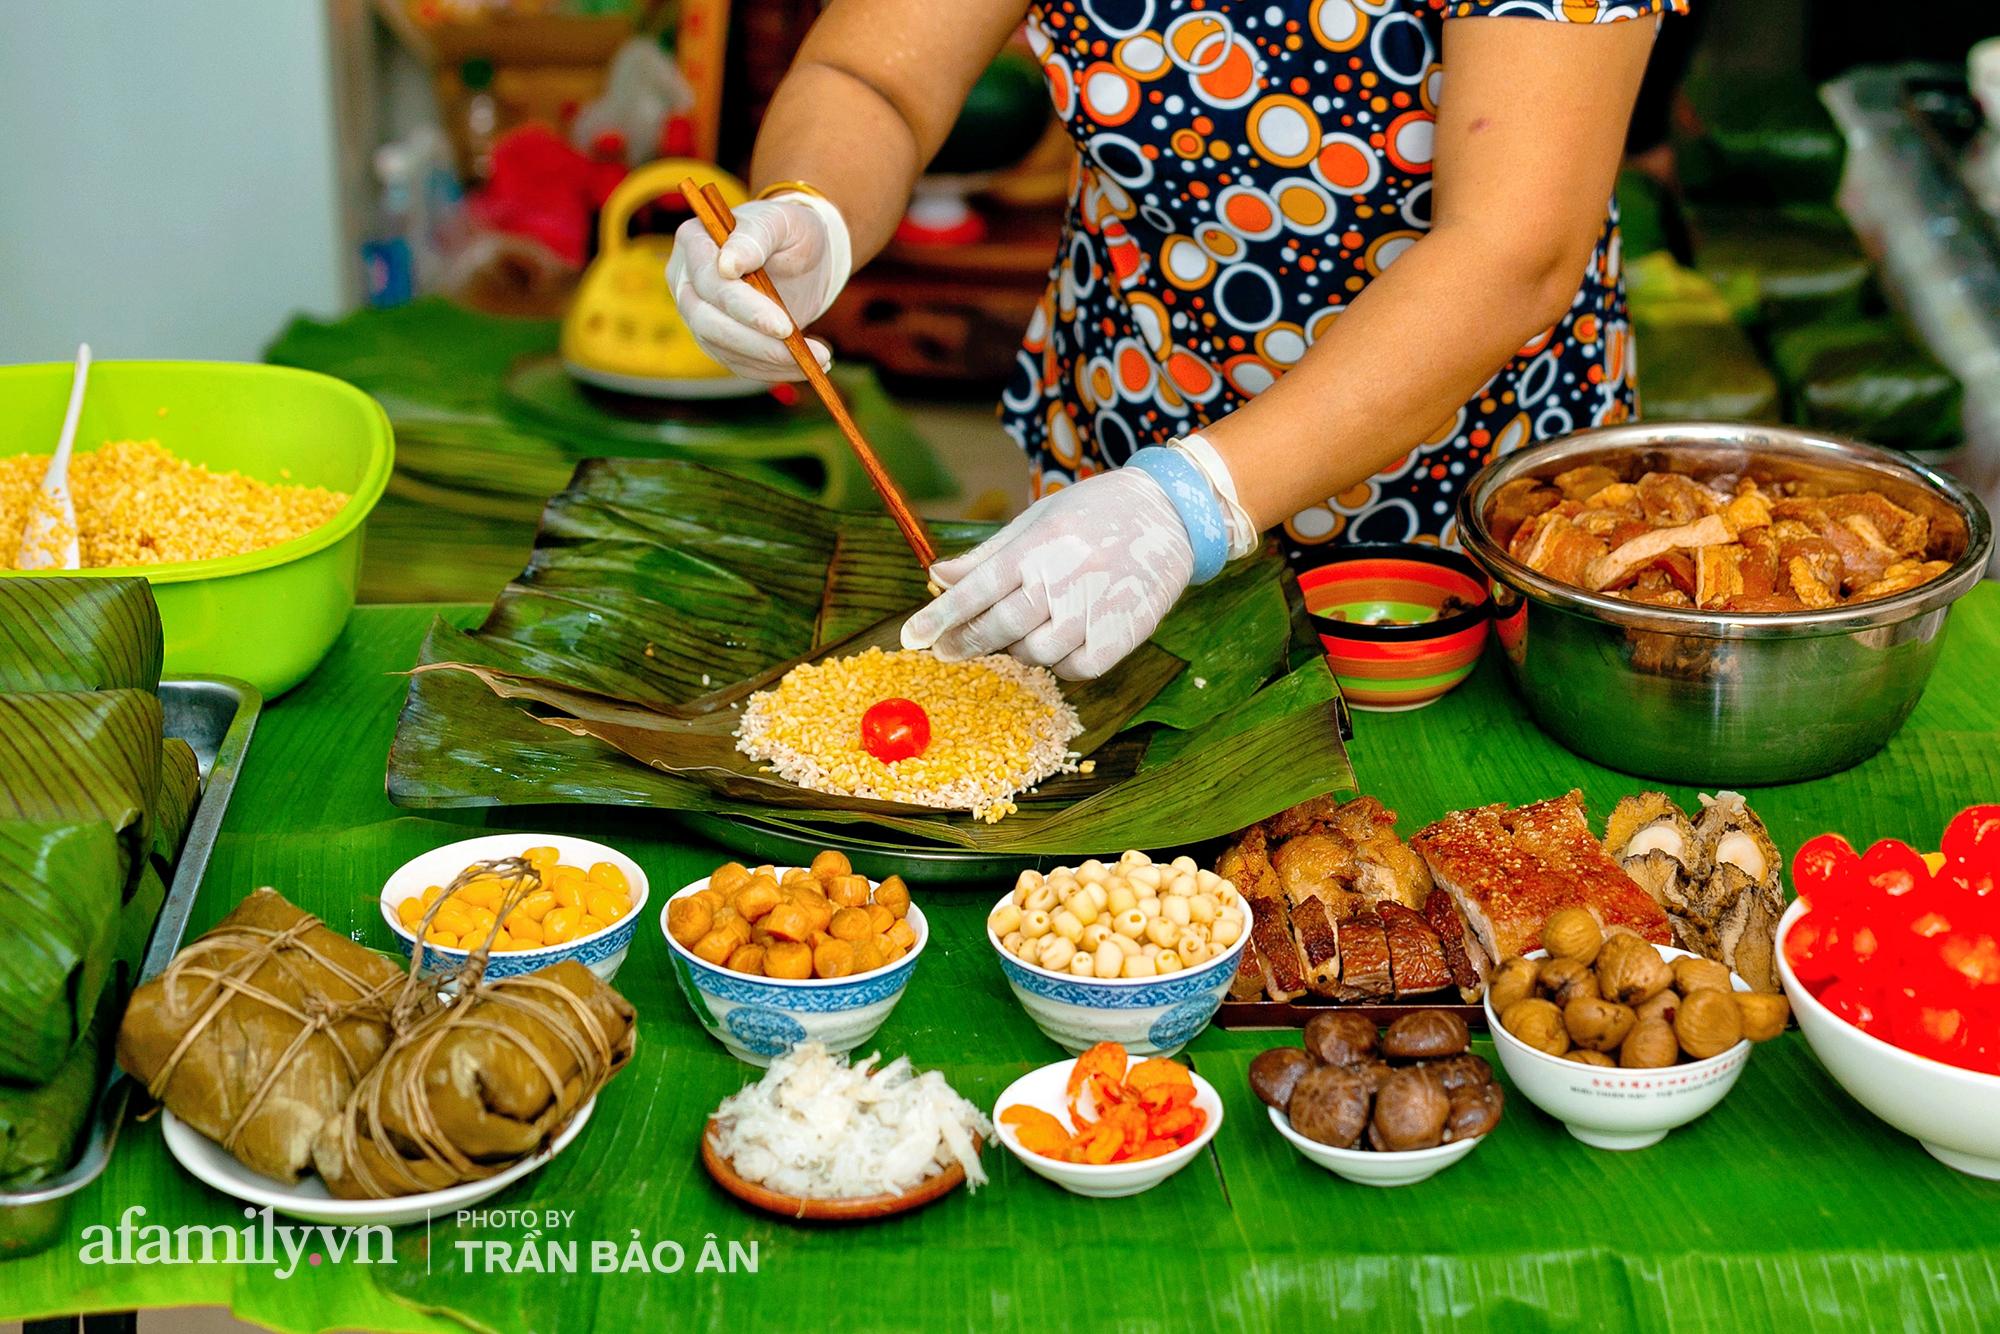 Tết Đoan Ngọ tại lò bánh Bá Trạng lâu đời nhất Sài Gòn, một cặp bánh có giá lên tới 1 triệu đồng với bào ngư, heo quay, sò điệp mà một năm chỉ được ăn duy nhất 1 lần! - Ảnh 1.